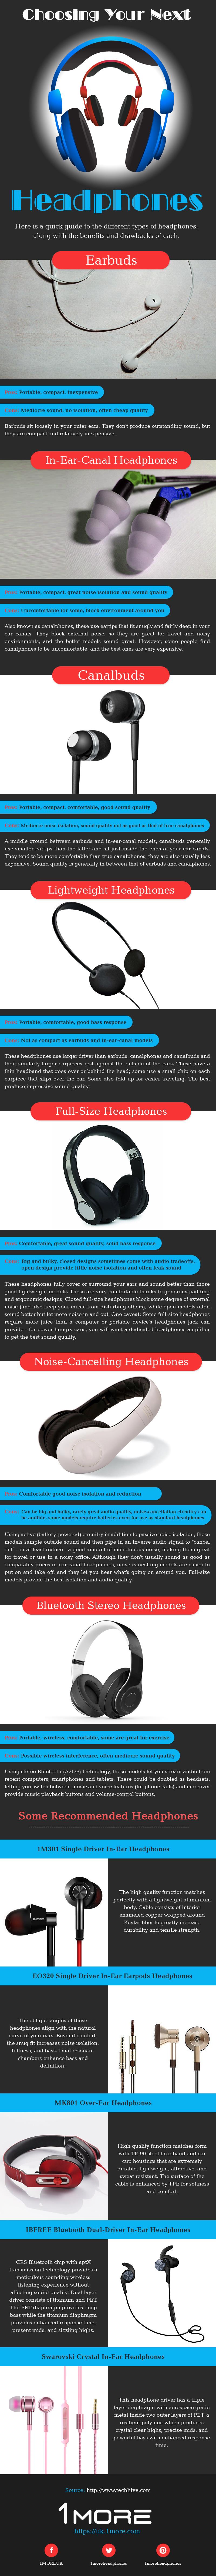 Choosing Your Next Headphones